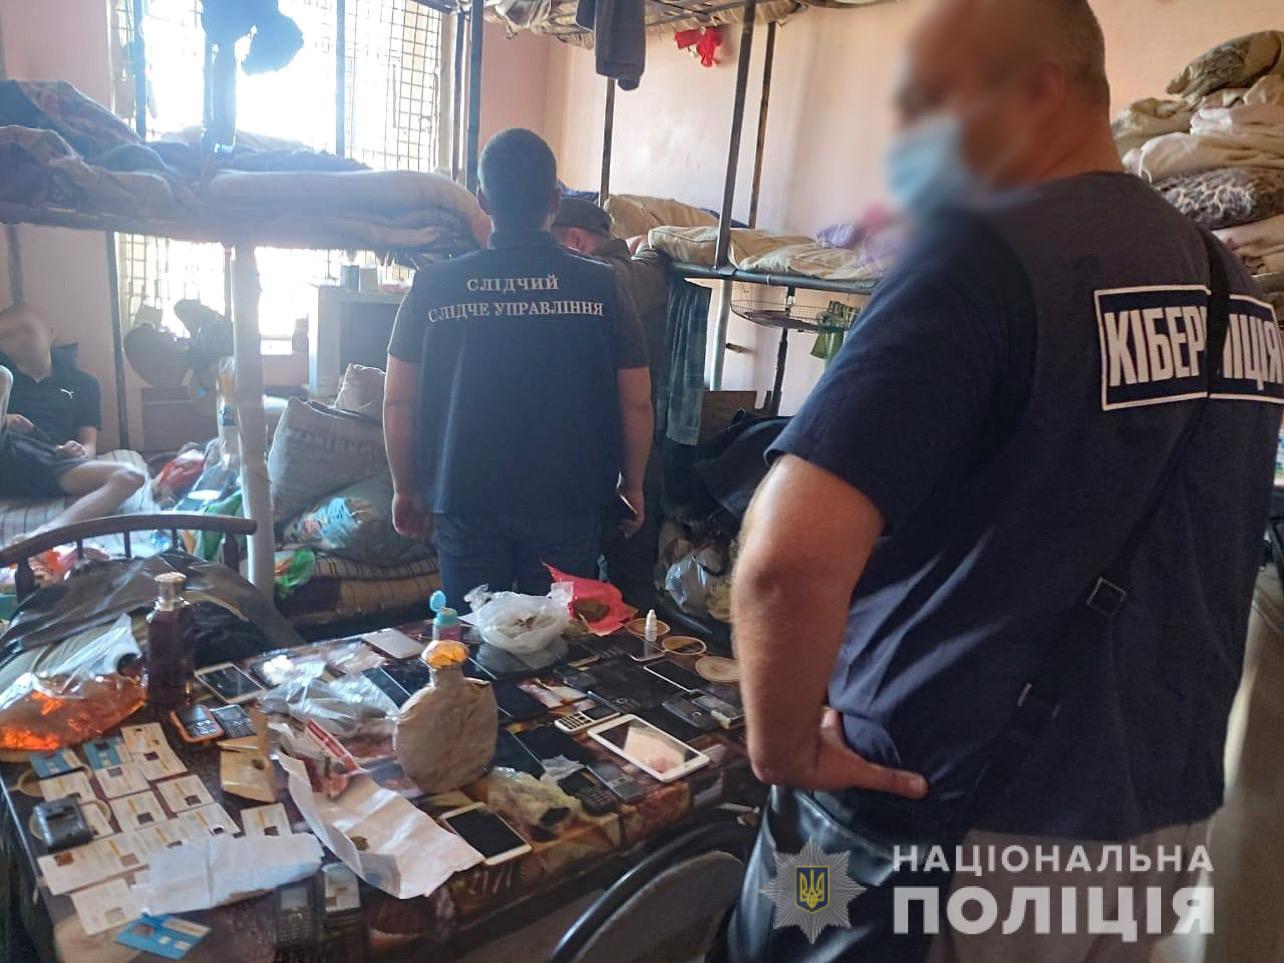 Кіберполіція накрила кримінальний колл-центр в одній з колоній Харківщини/ фото Національної поліції